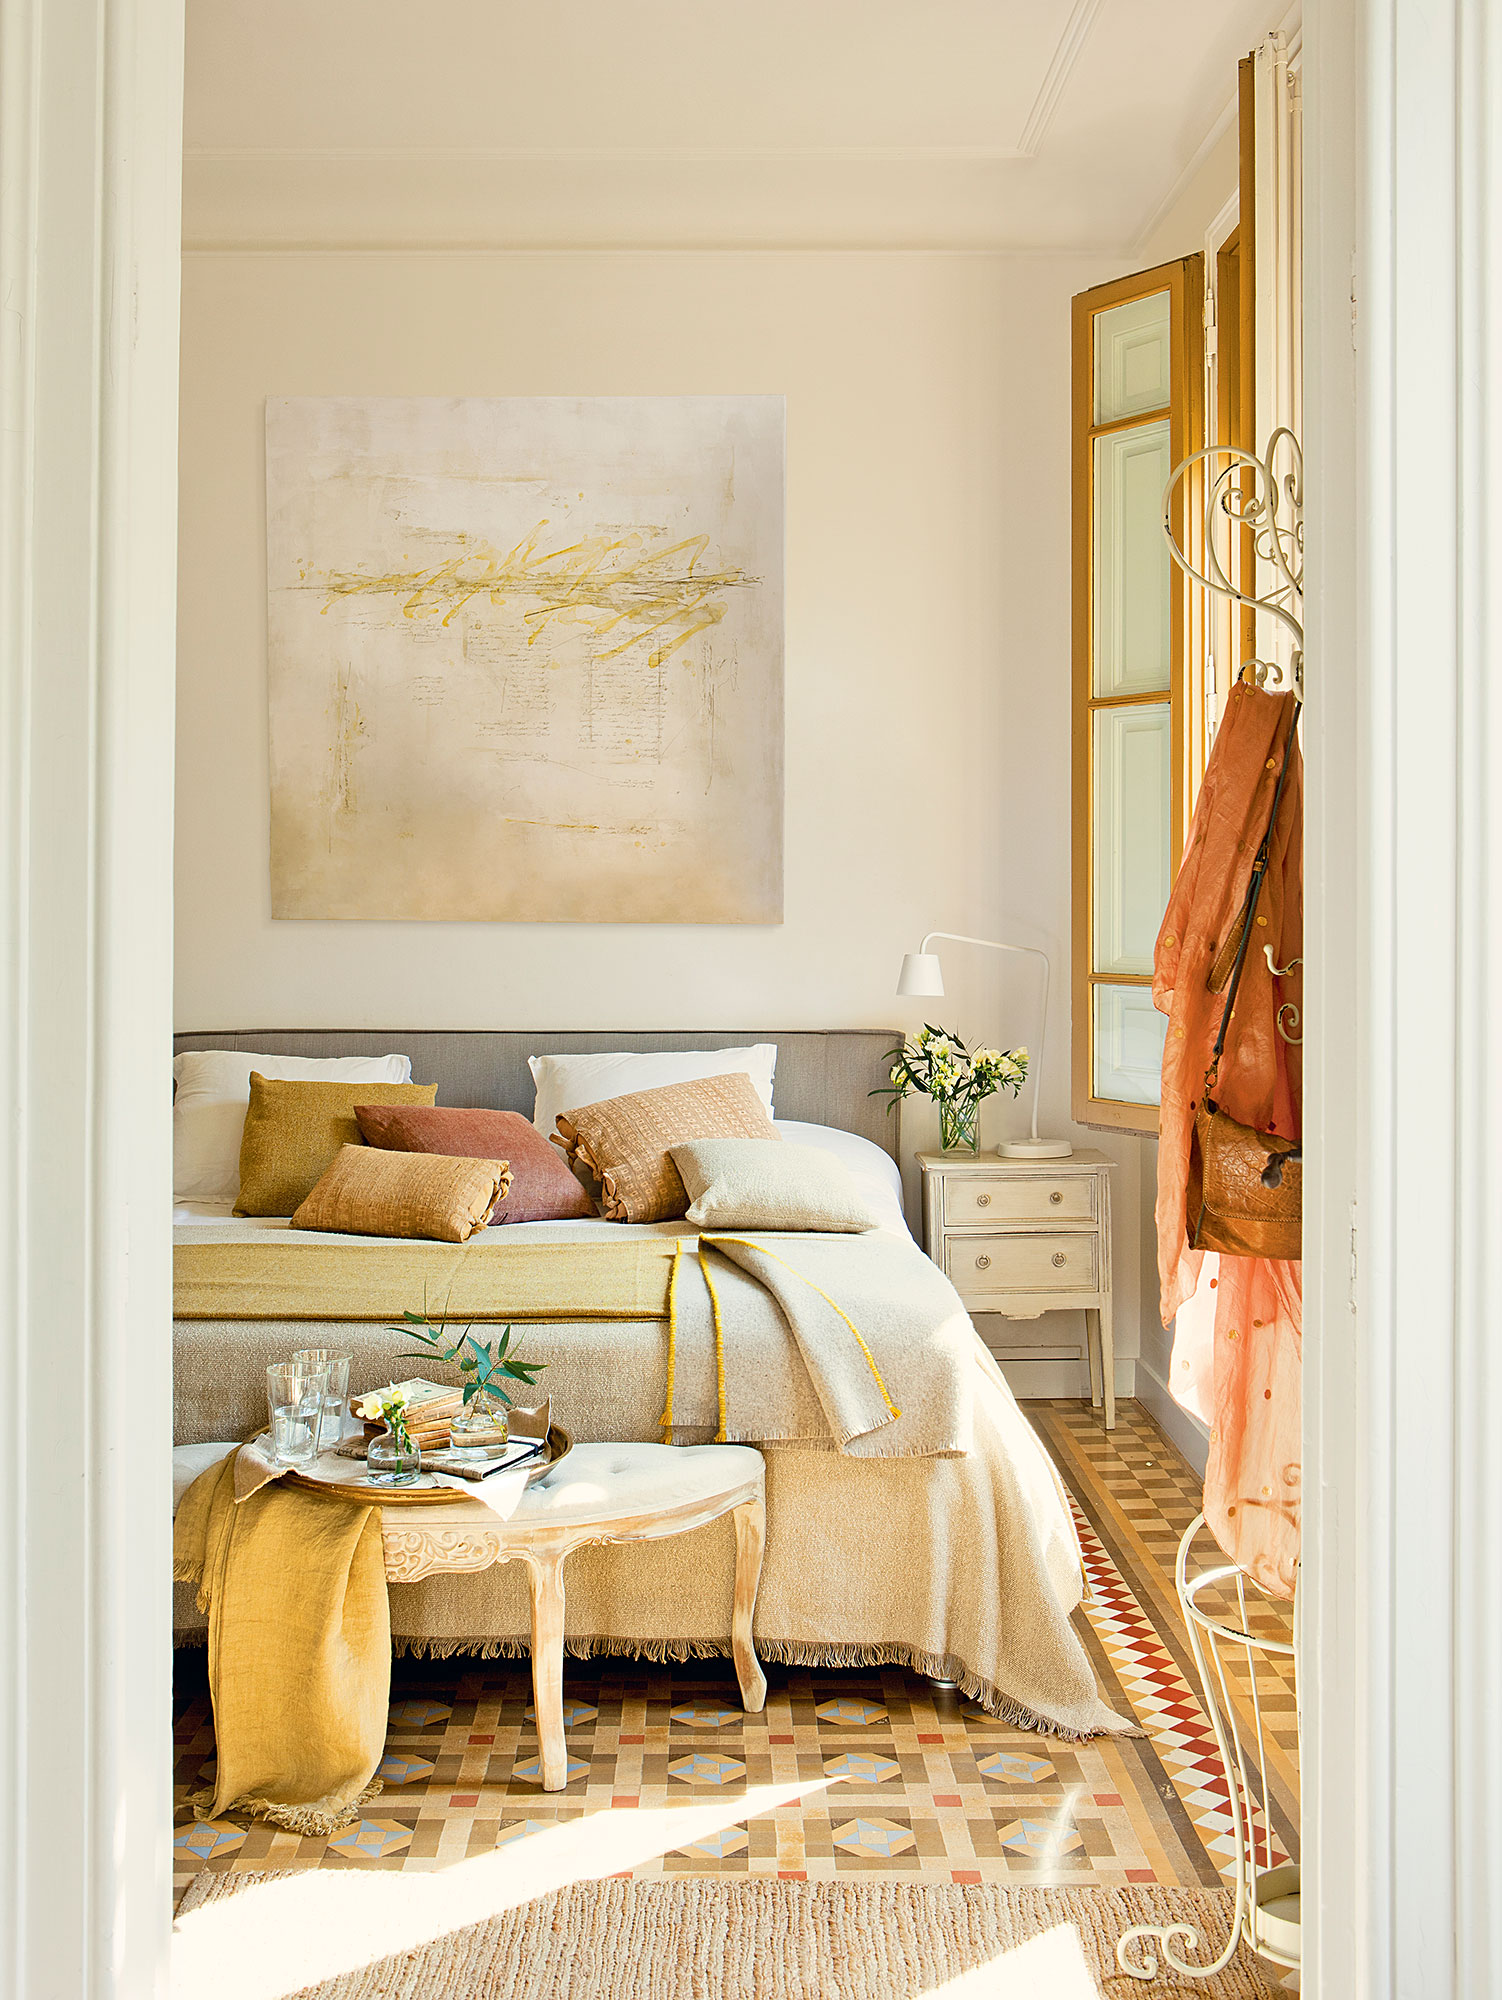 Dormitorio principal con ropa de cama en tonos ocres